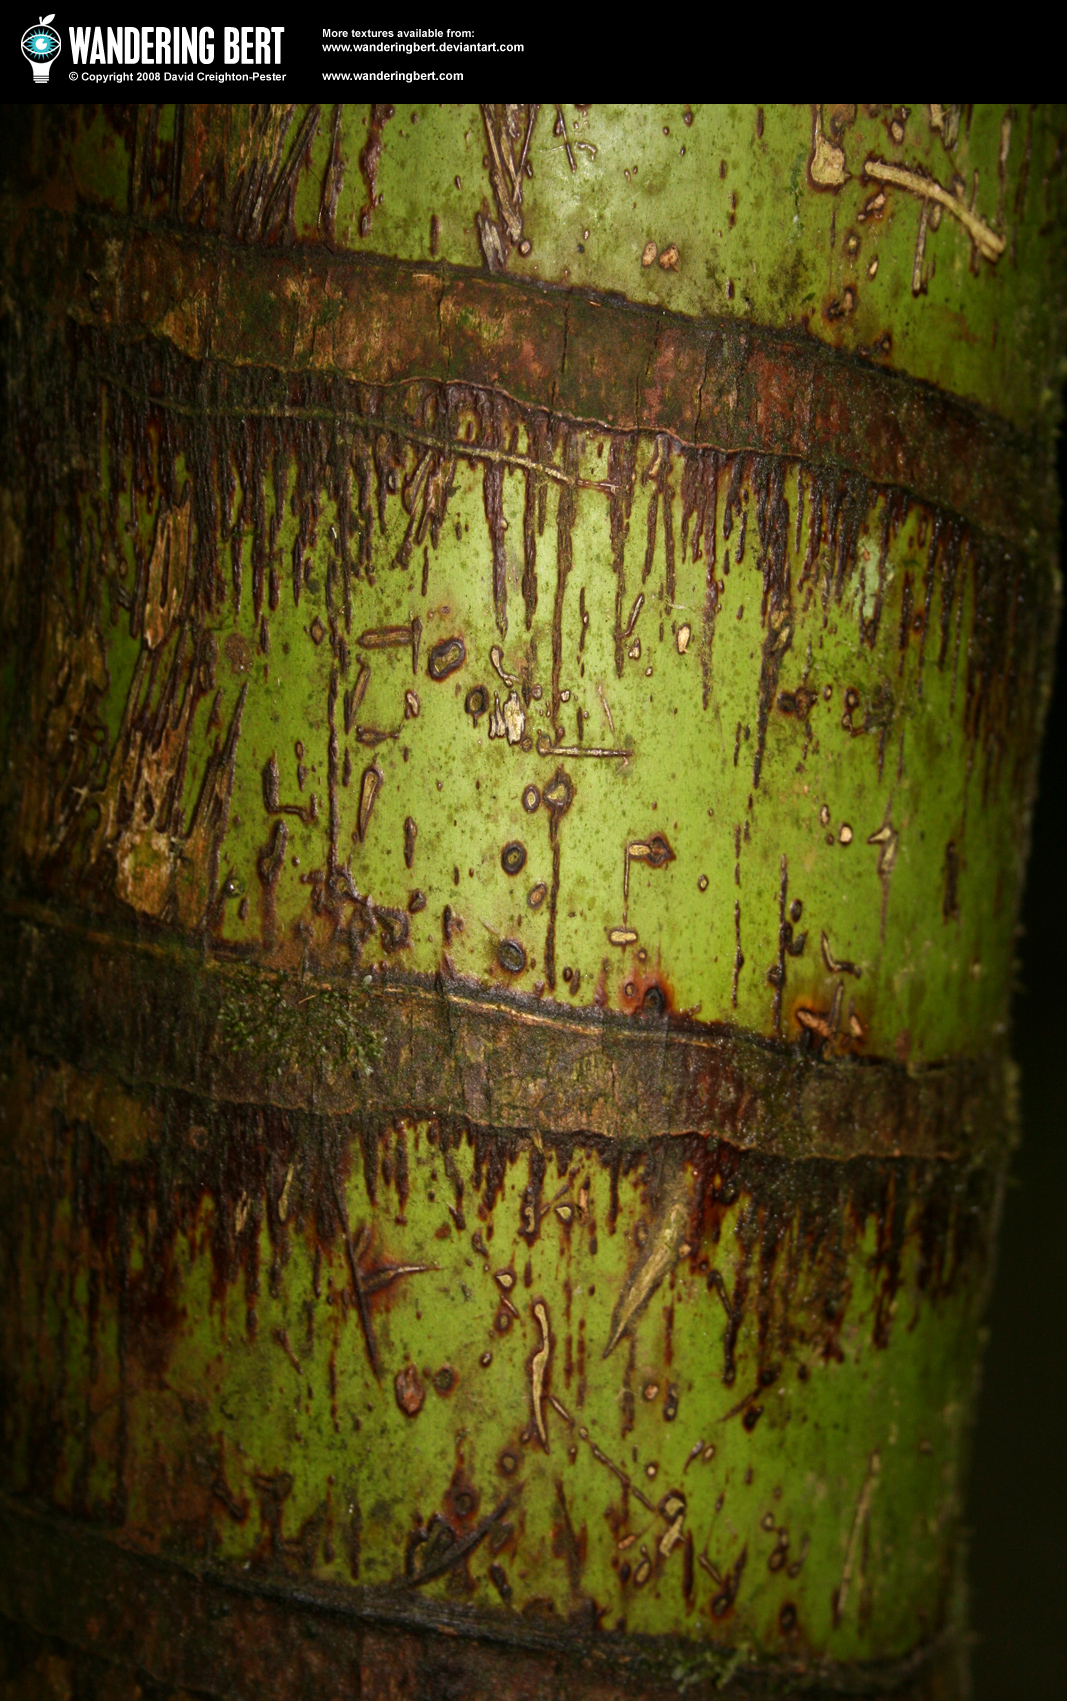 Wood - Bamboo by WanderingBert